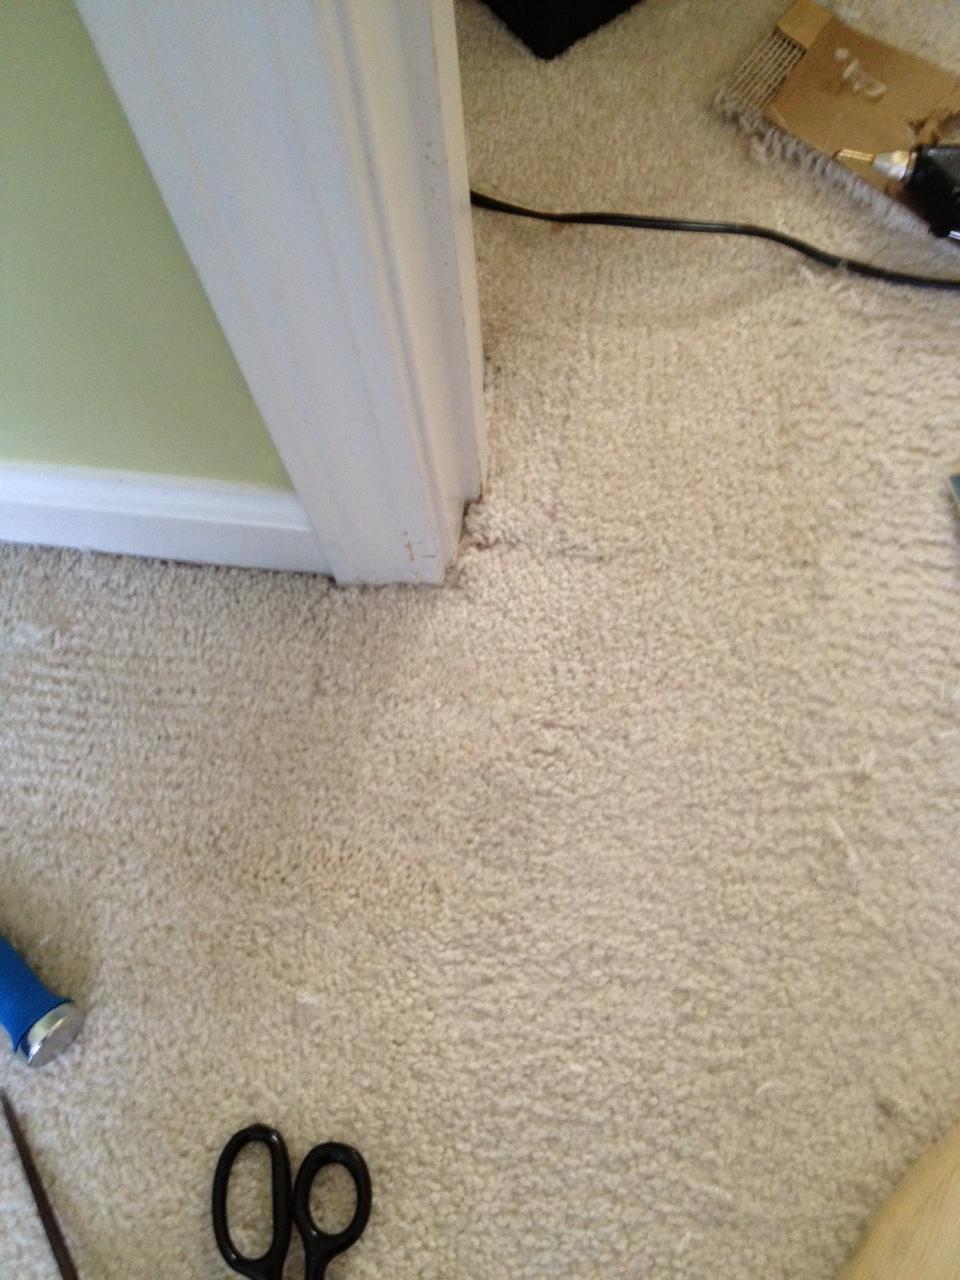 Indianapolis Cat Carpet Damage Repair